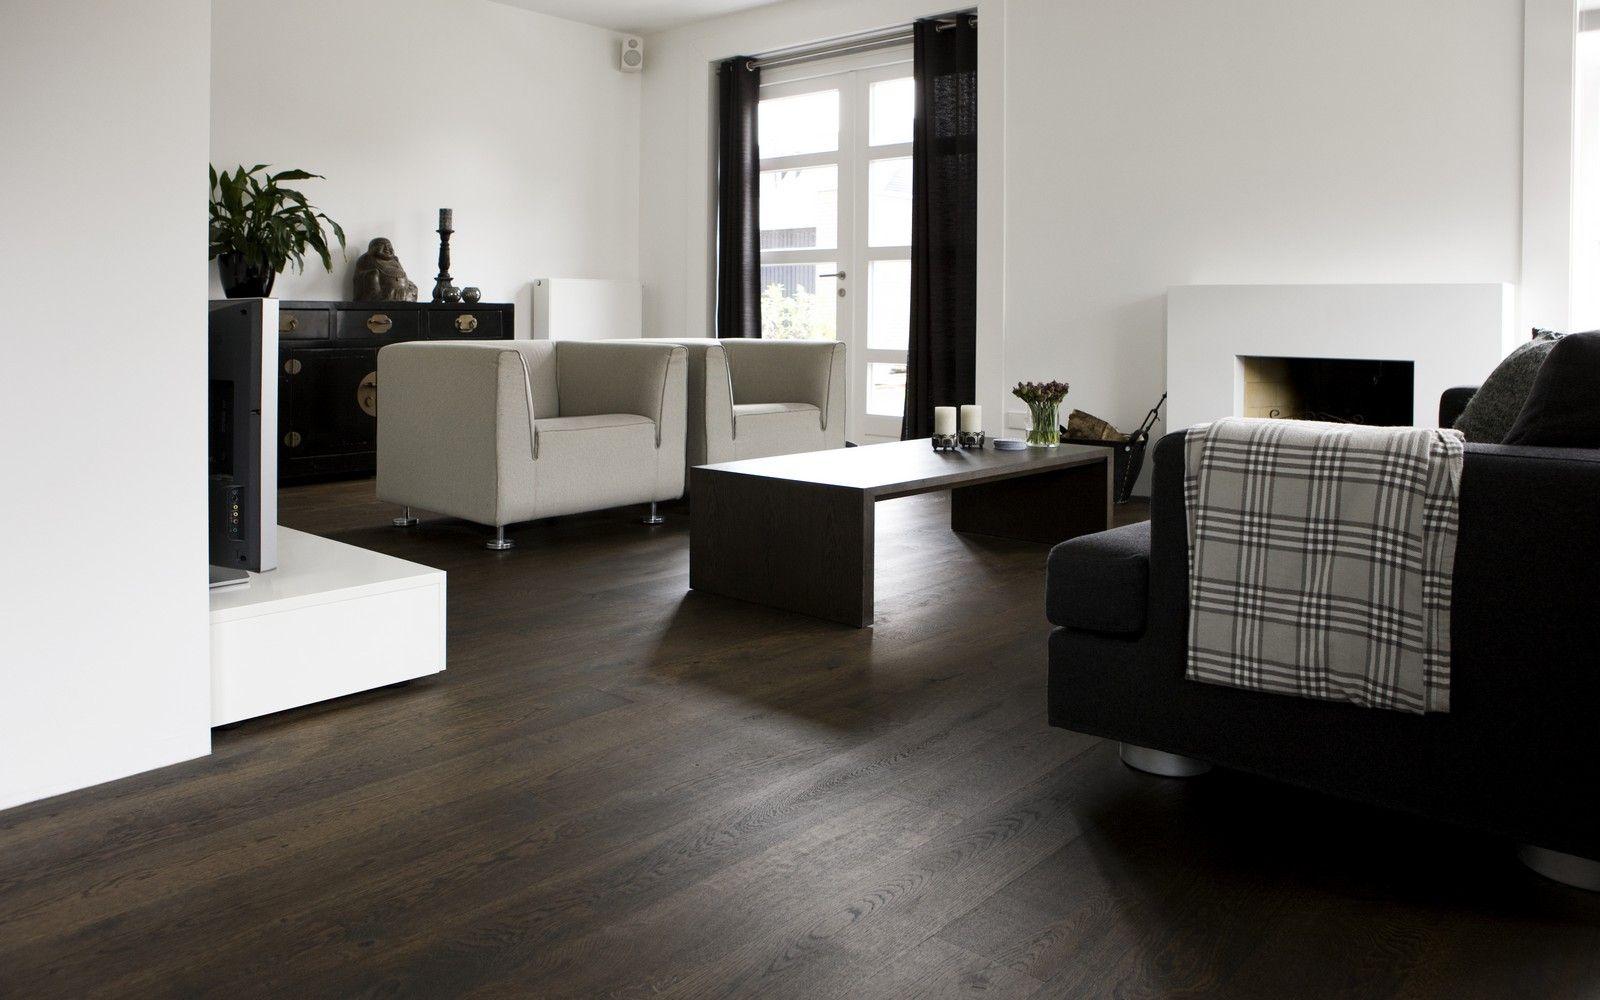 Eiken Houten Vloeren : Eiken houten vloer zonder velling de eiken houten vloer is ter